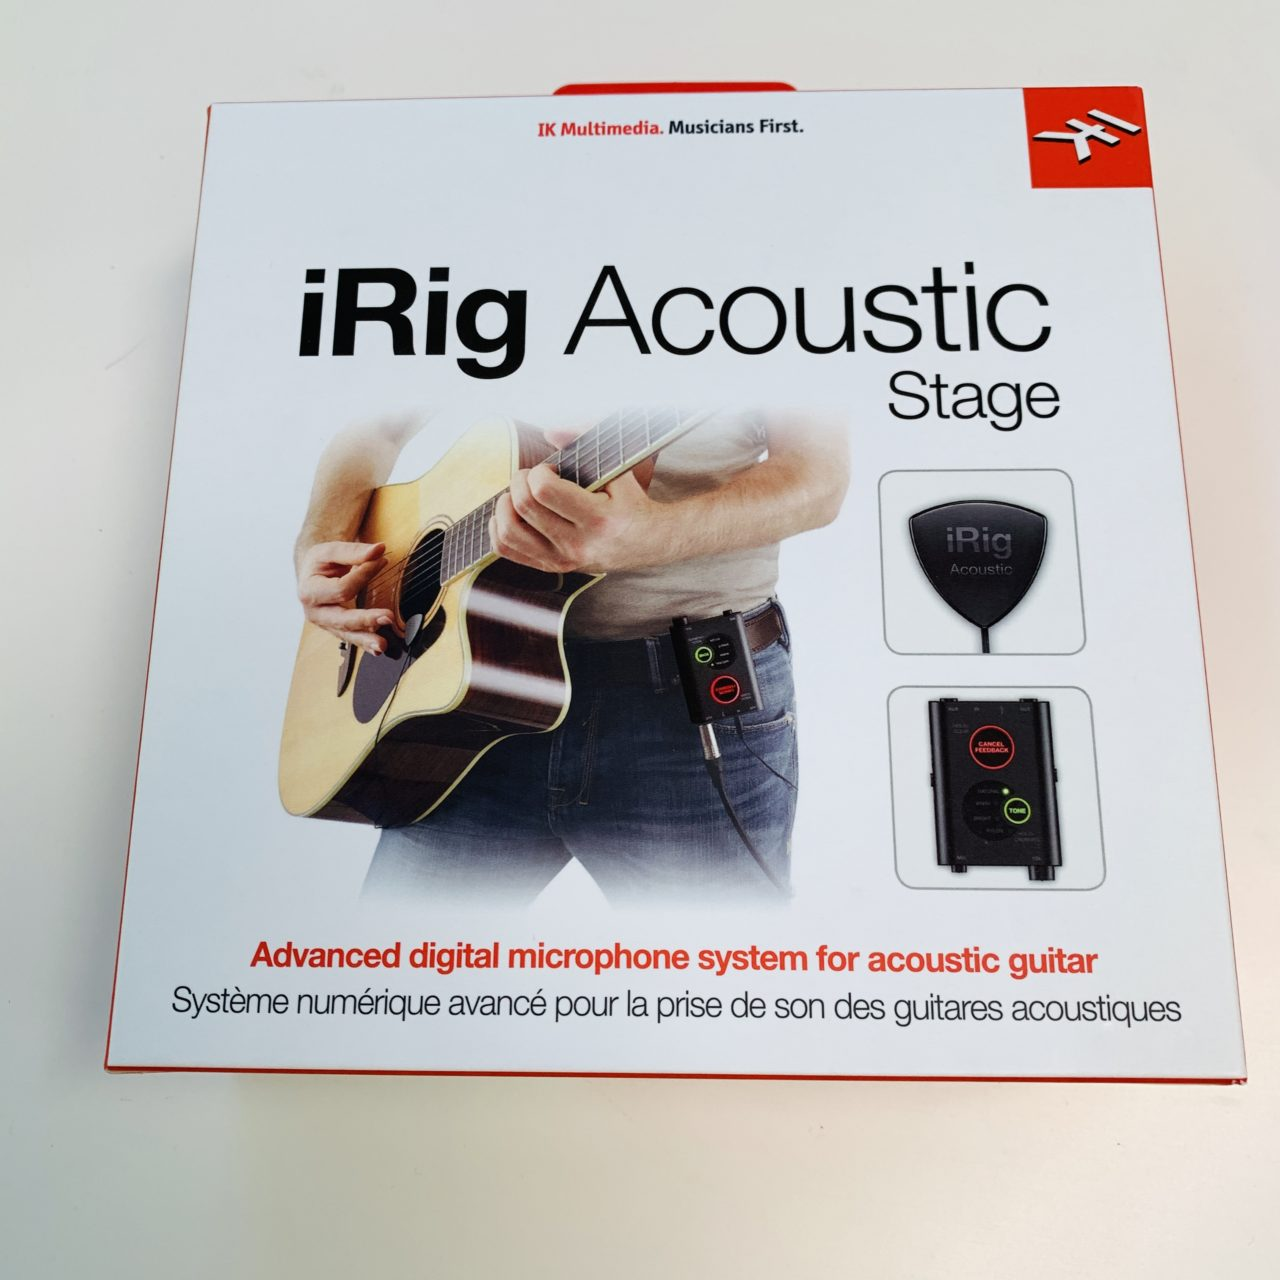 【レビュー】アコギ用のマイクとプリアンプはiRig Acoustic Stage が便利!マジでオススメ!